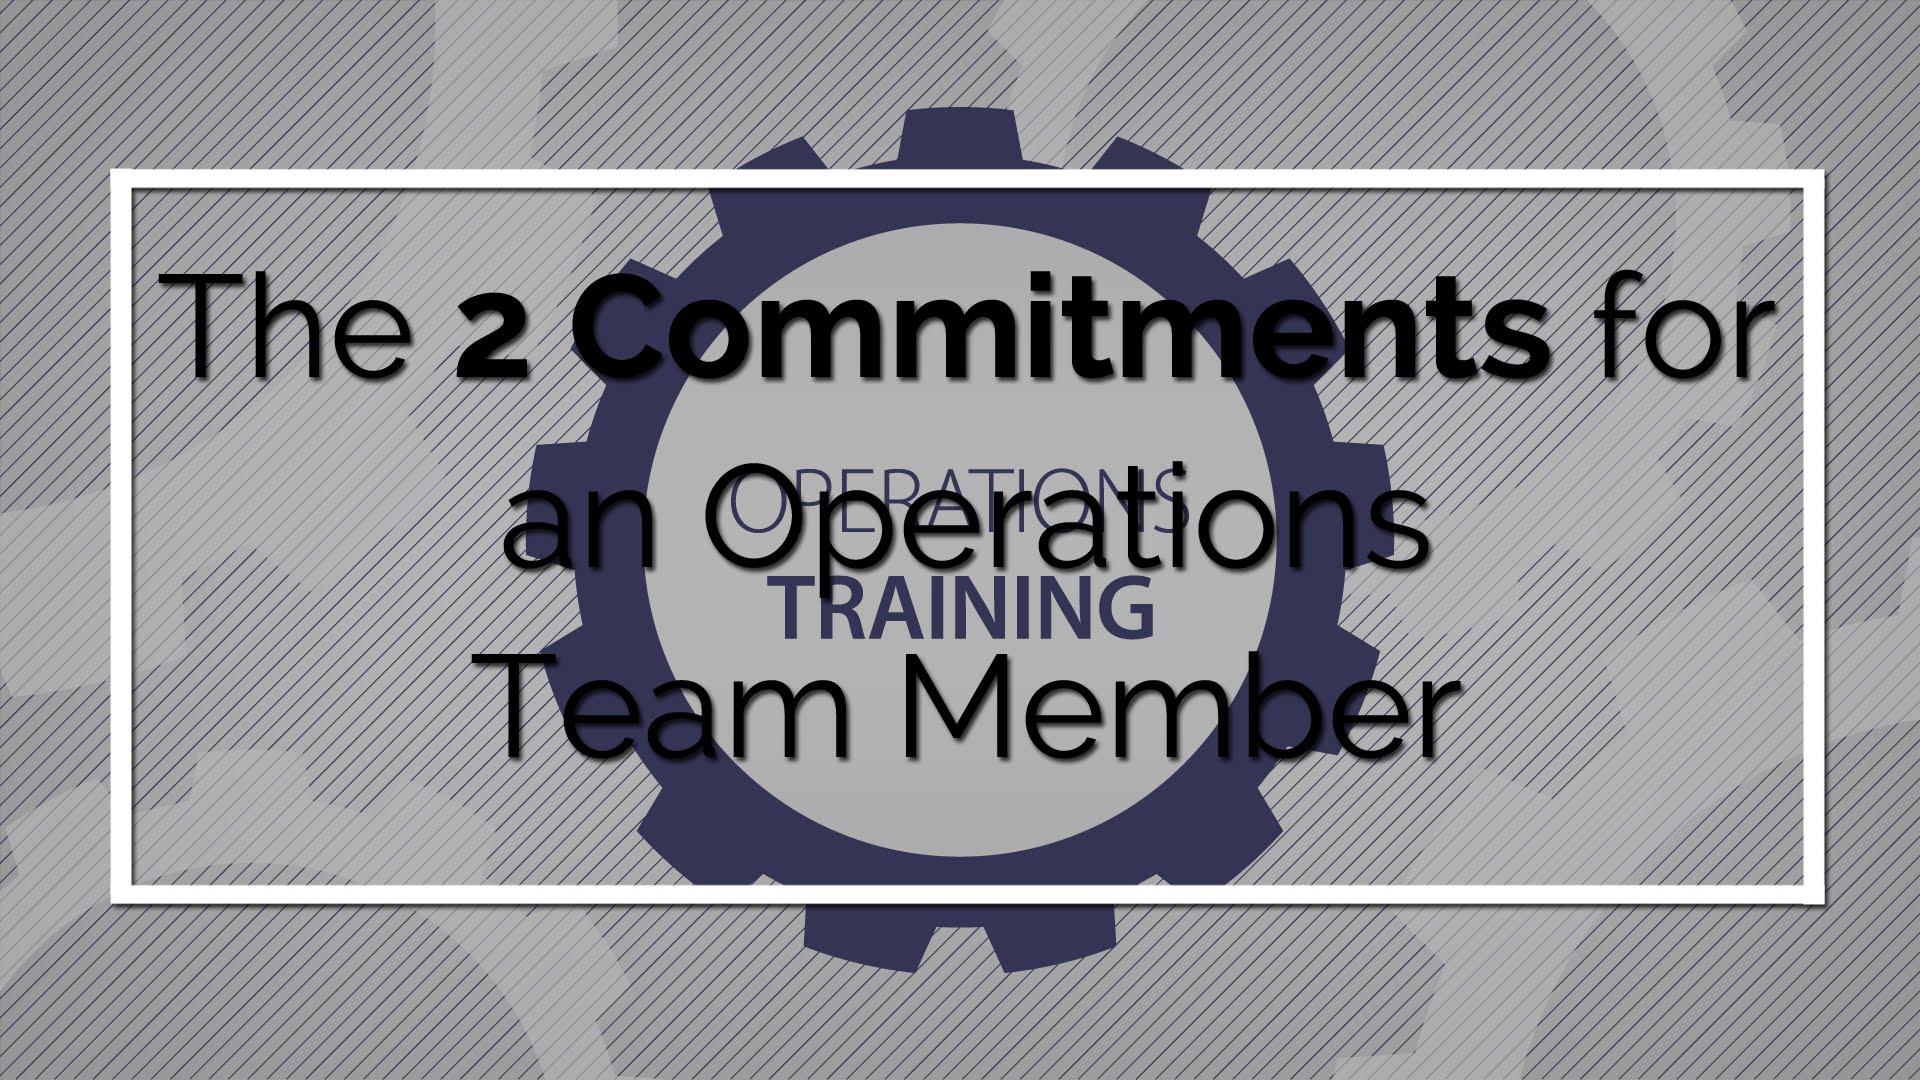 Entrenamiento de Operaciones: Dos Compromisos Básicos